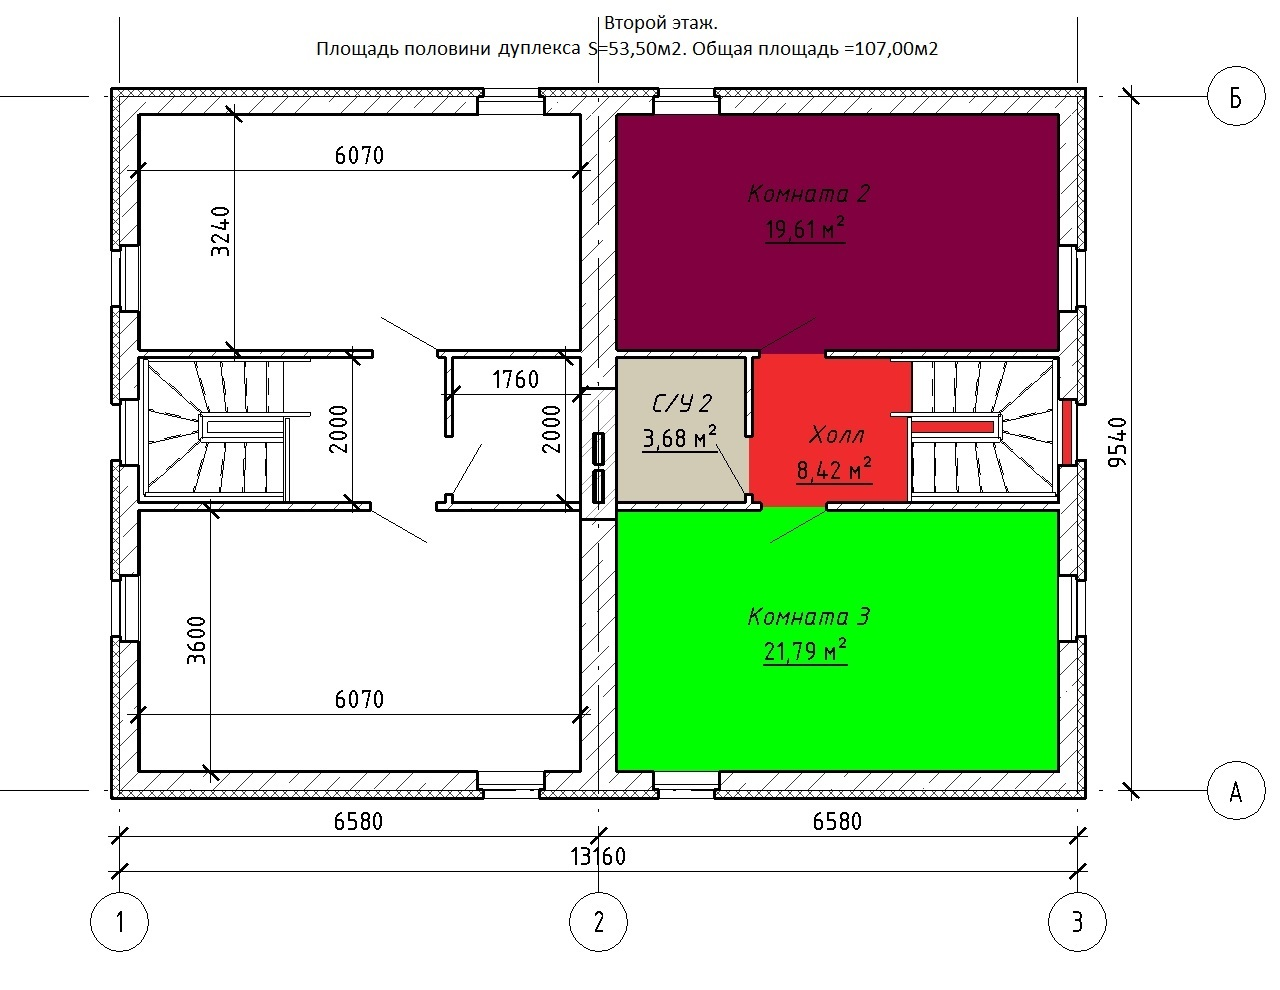 Нажмите на изображение для увеличения Название: Новые ТХ - План этажа - Этаж 2.jpg Просмотров: 68 Размер:211.2 Кб ID:540397